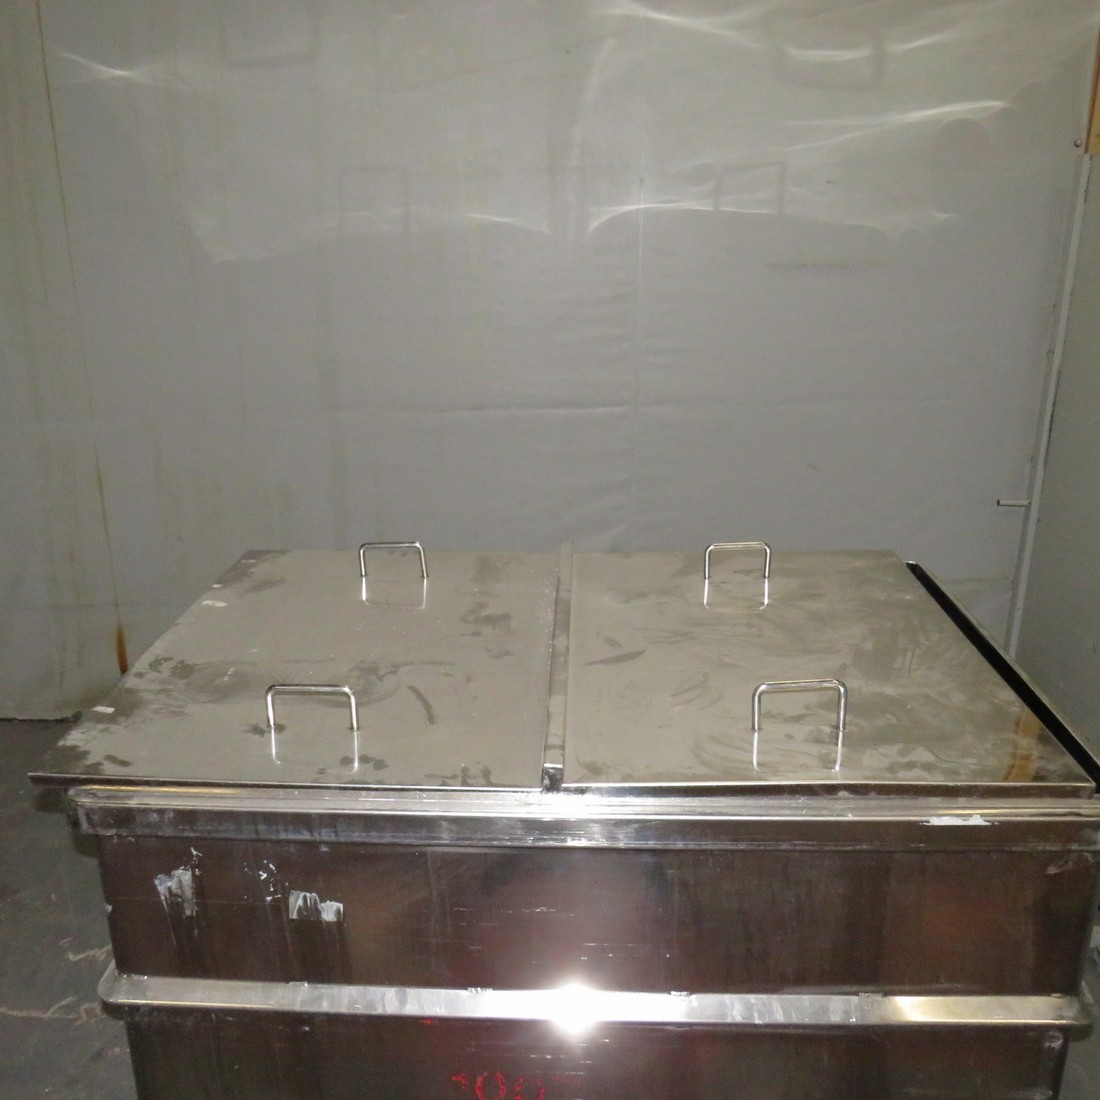 R11DB22721 Stainless steel vessel - 1200 liters